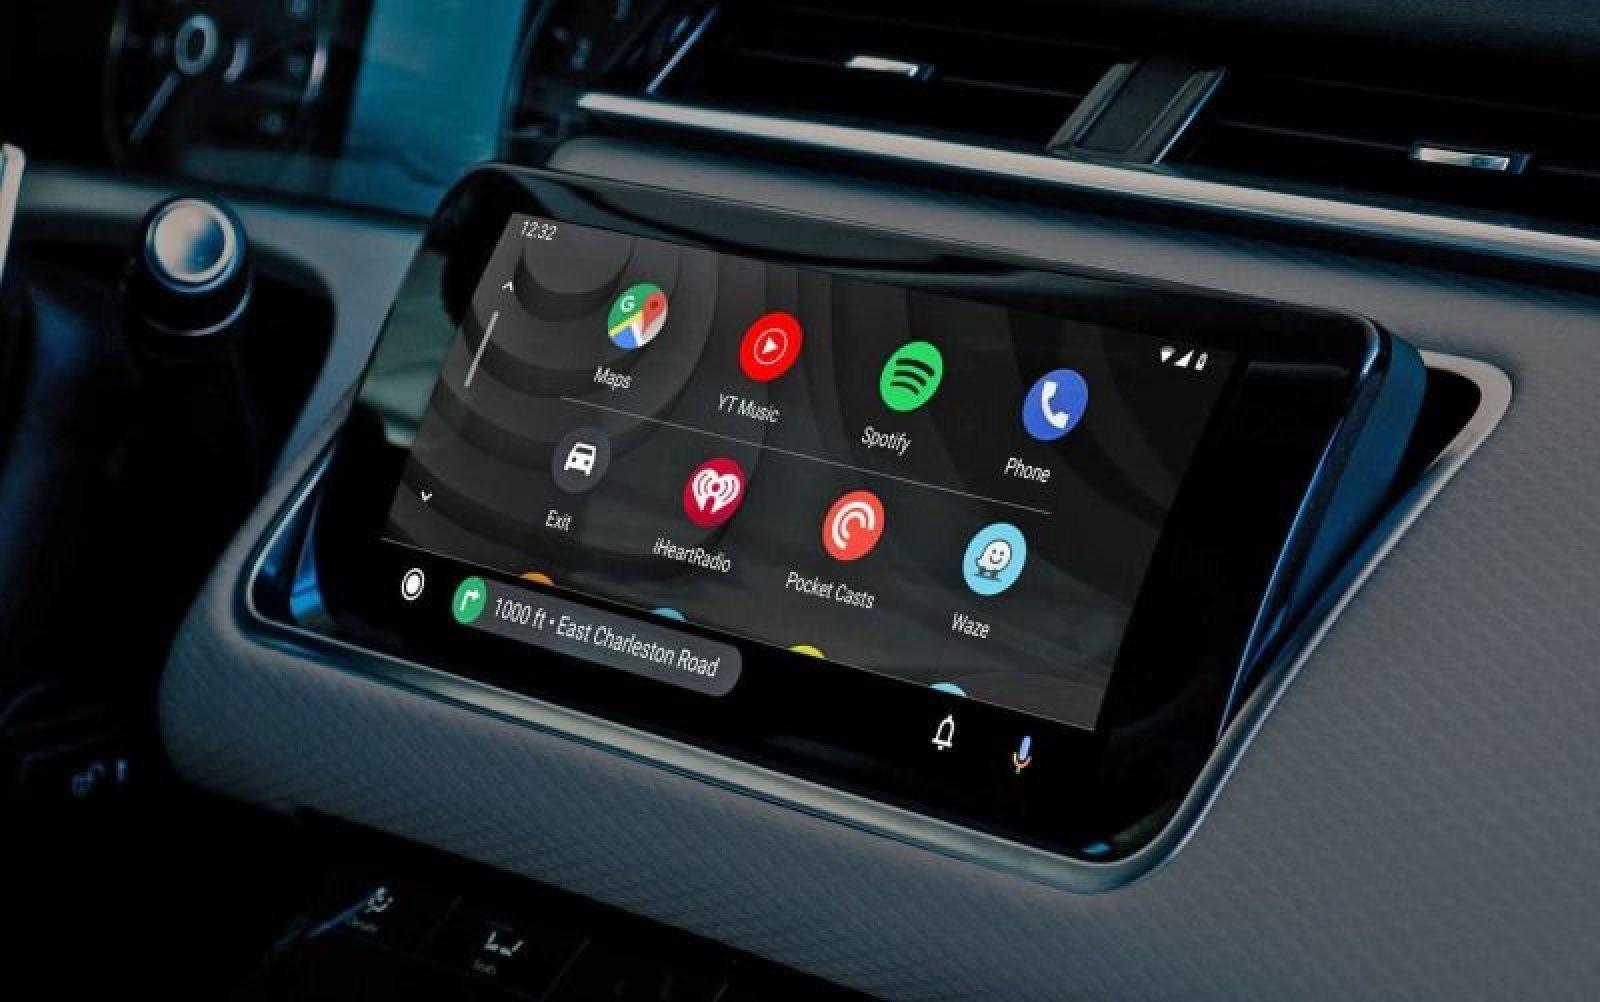 Android Auto ใช้งานในไทยได้แล้ว 2